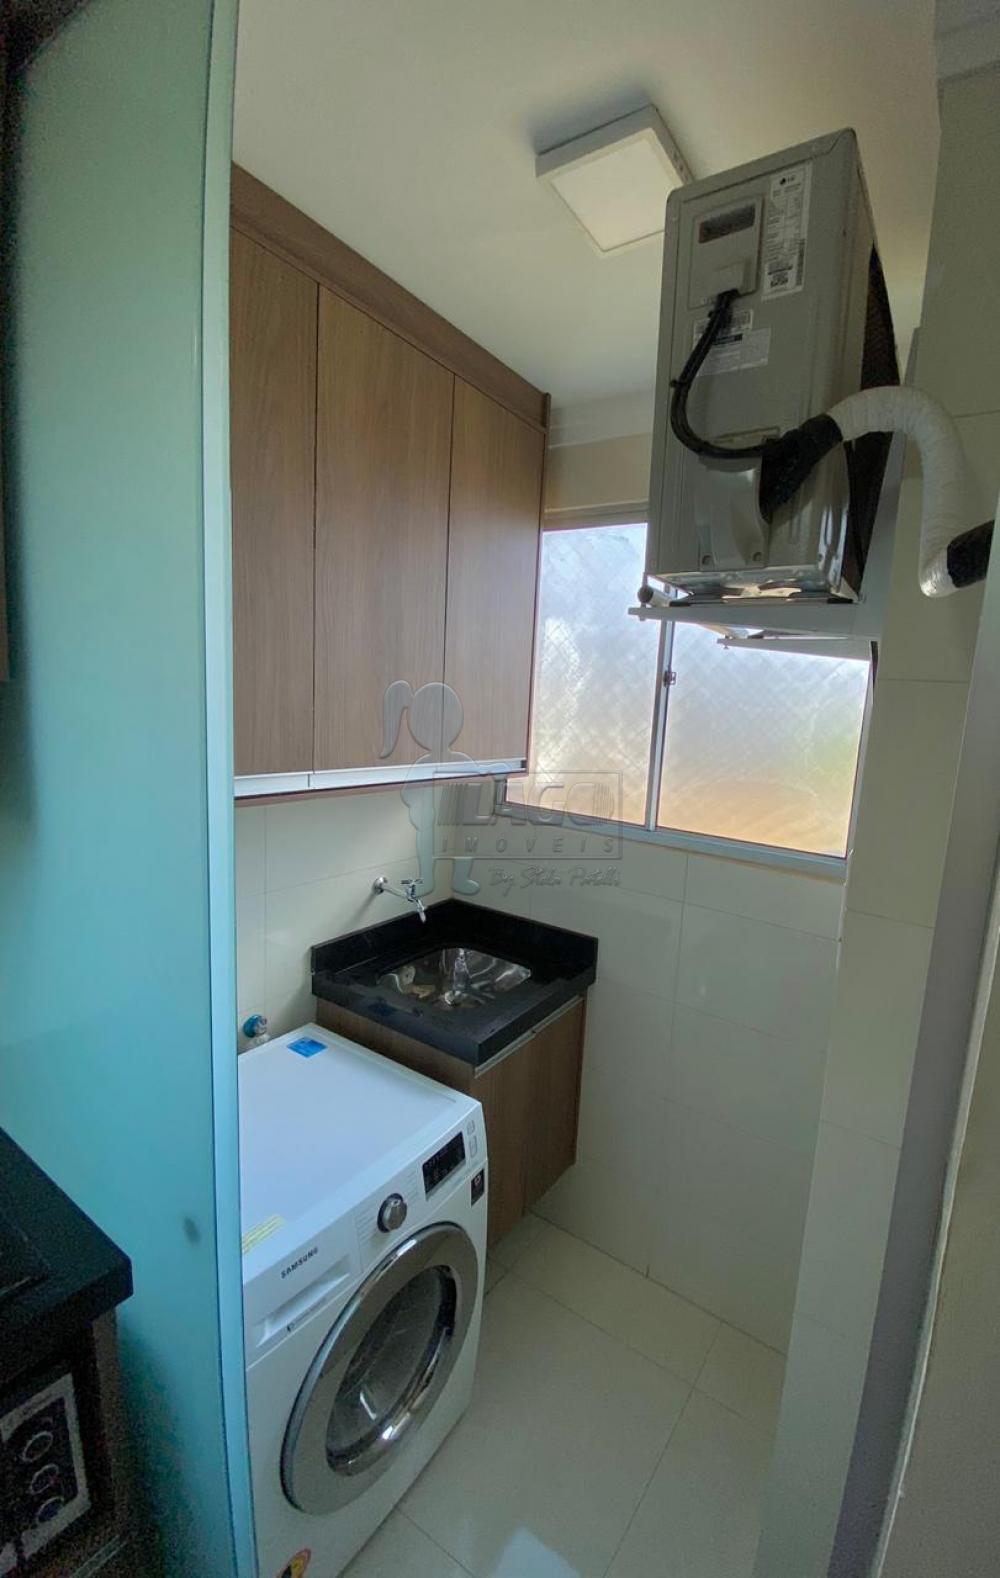 Comprar Apartamento / Padrão em Ribeirao Preto apenas R$ 212.000,00 - Foto 14